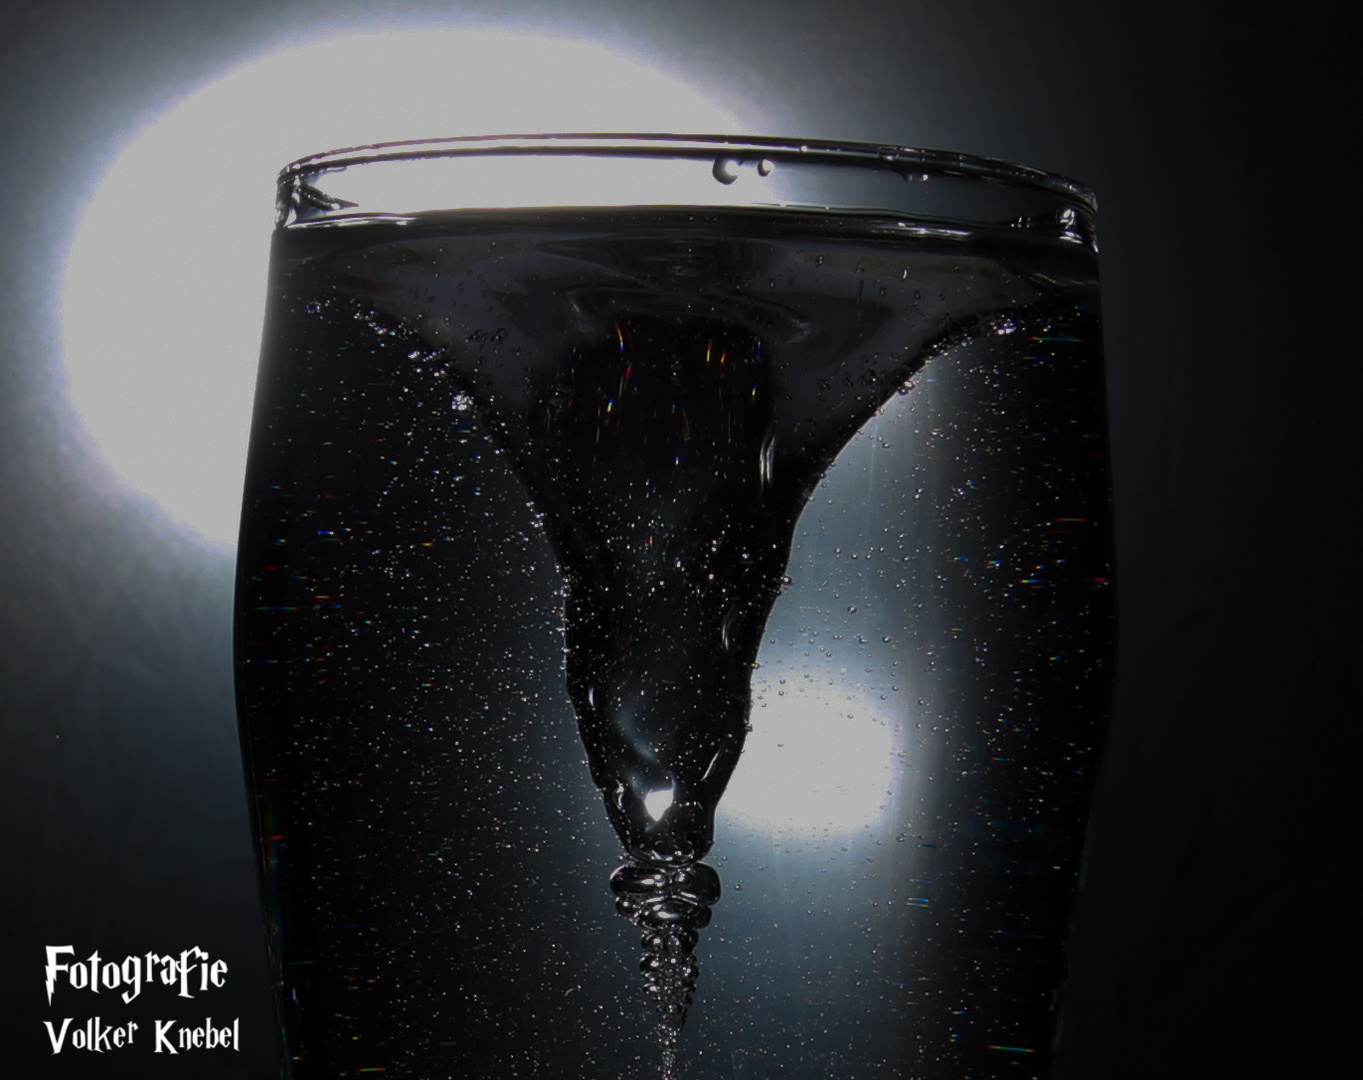 Sturm im Wasserglas